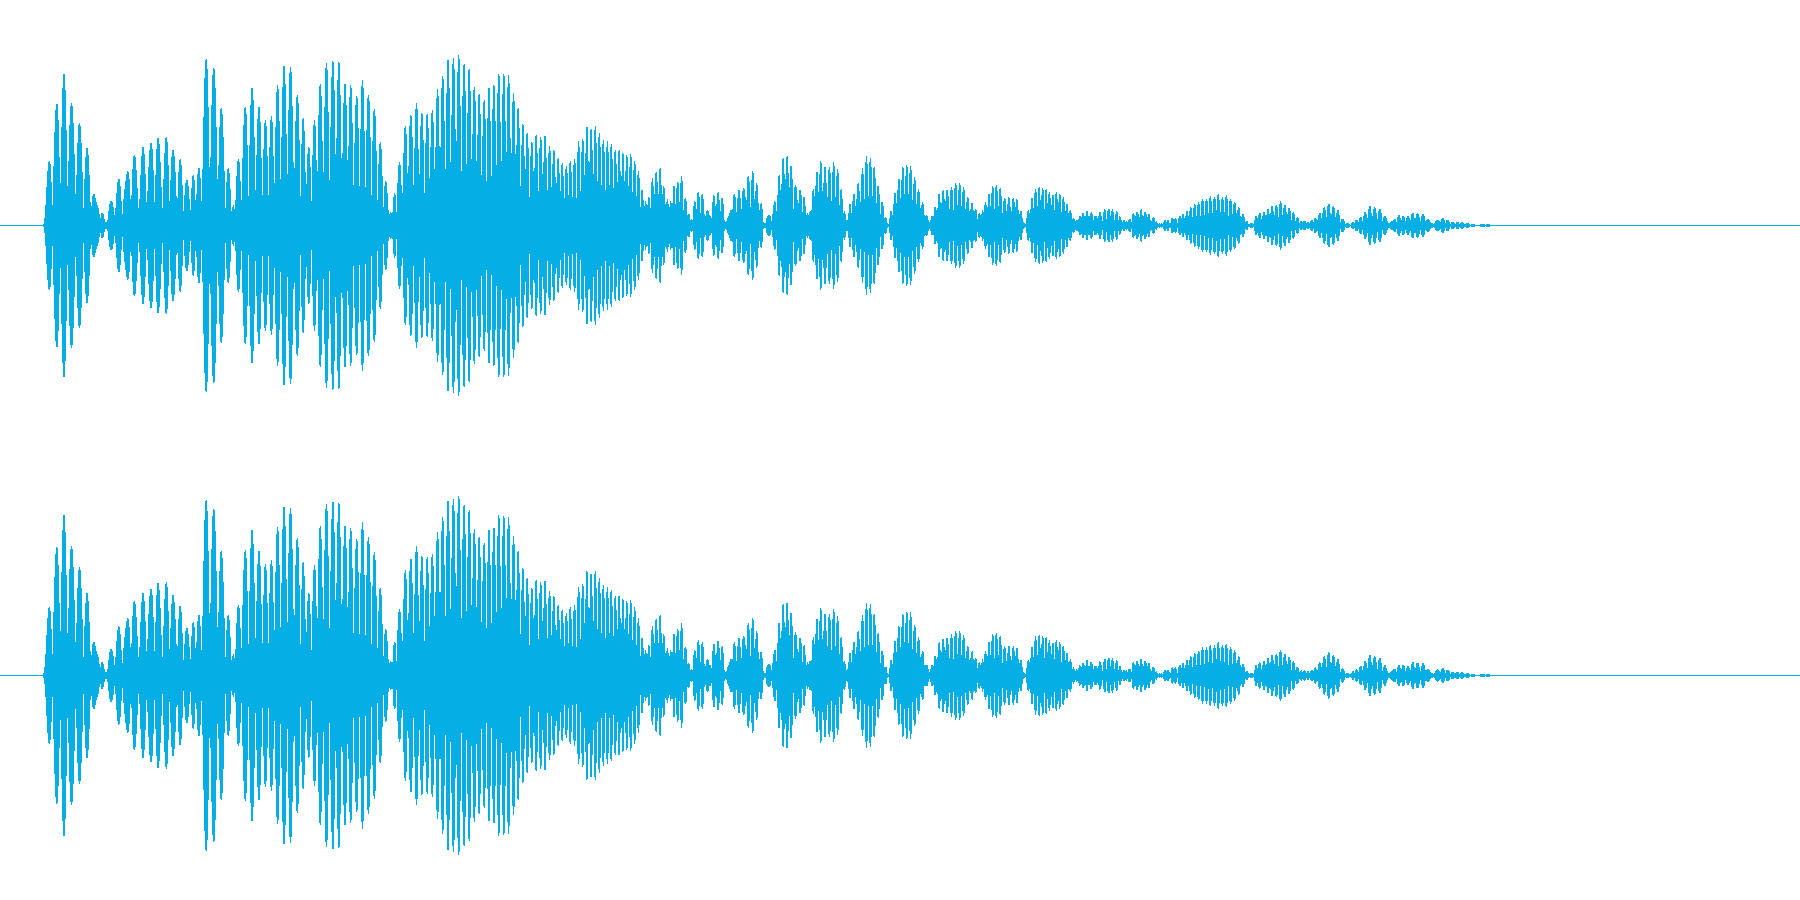 プワーン(シンプルでかわいらしい決定音)の再生済みの波形